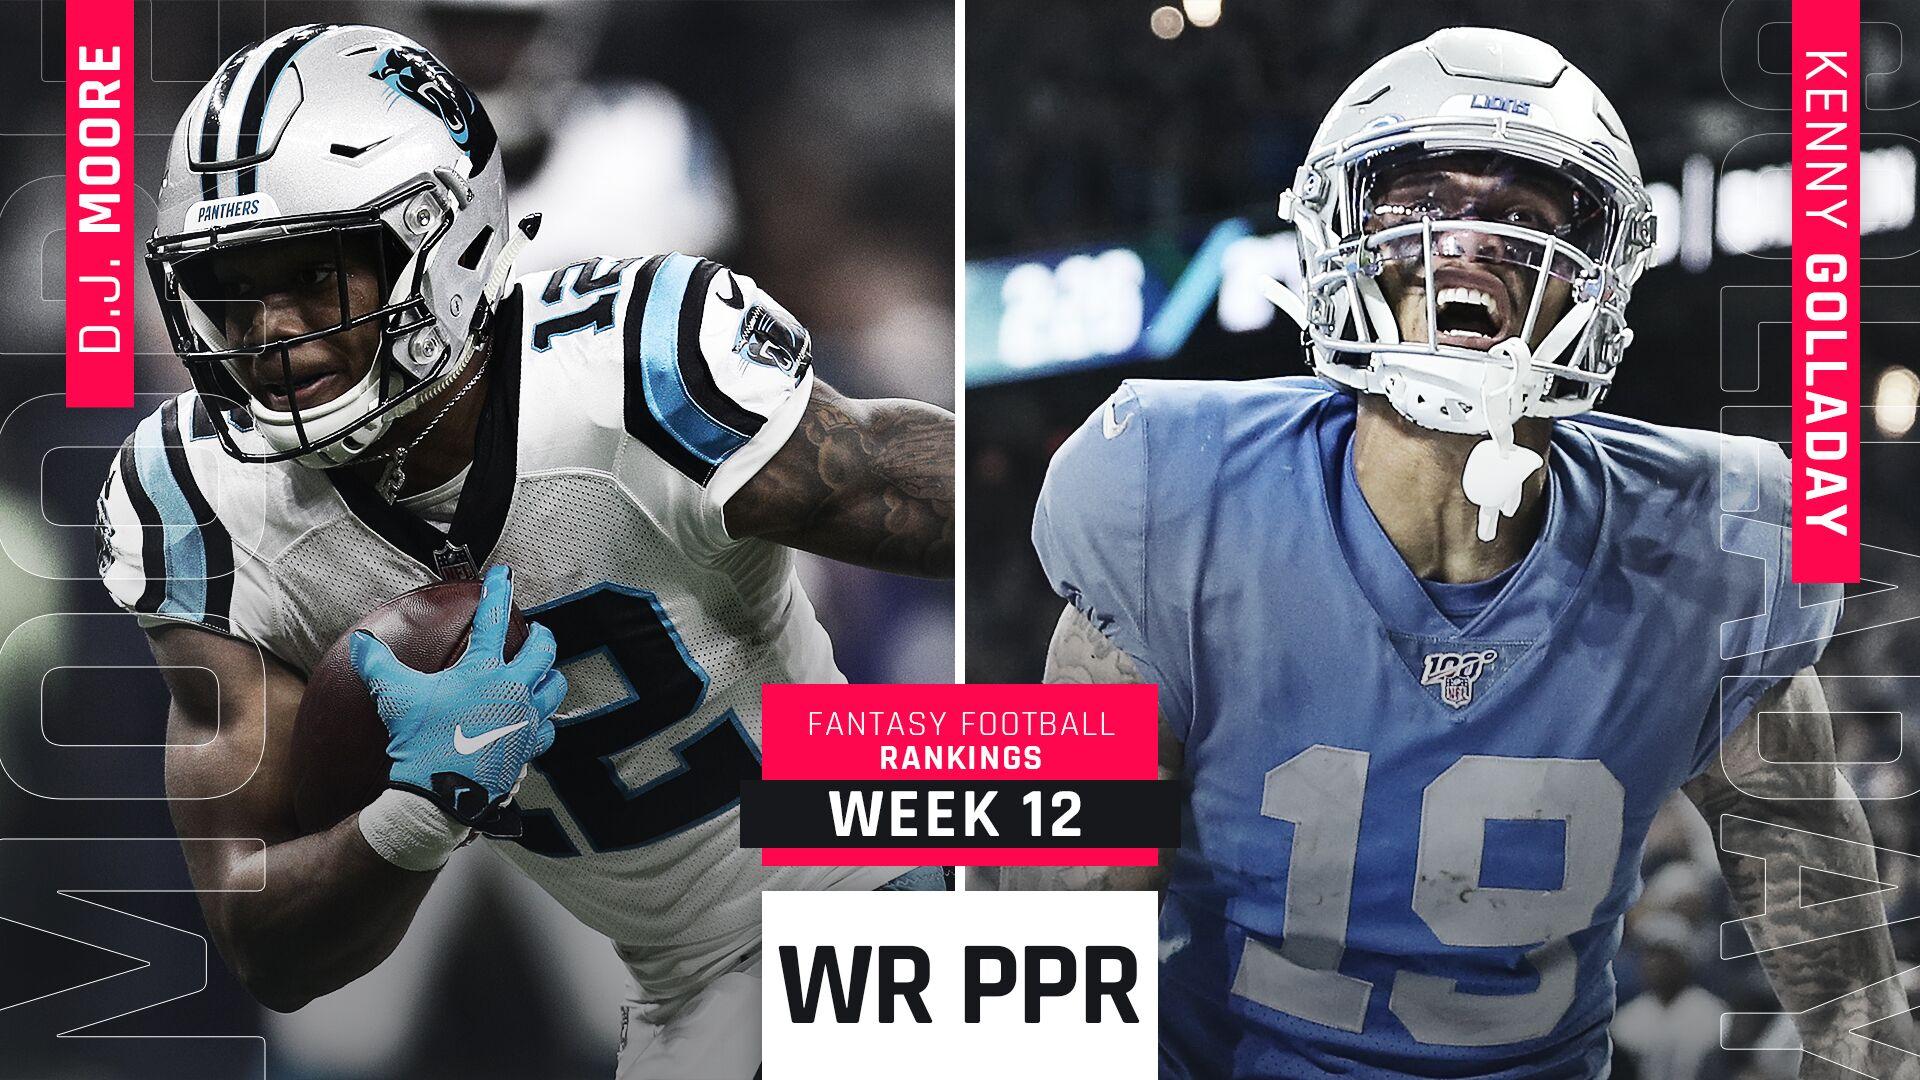 Week 12 PPR Rankings: WR